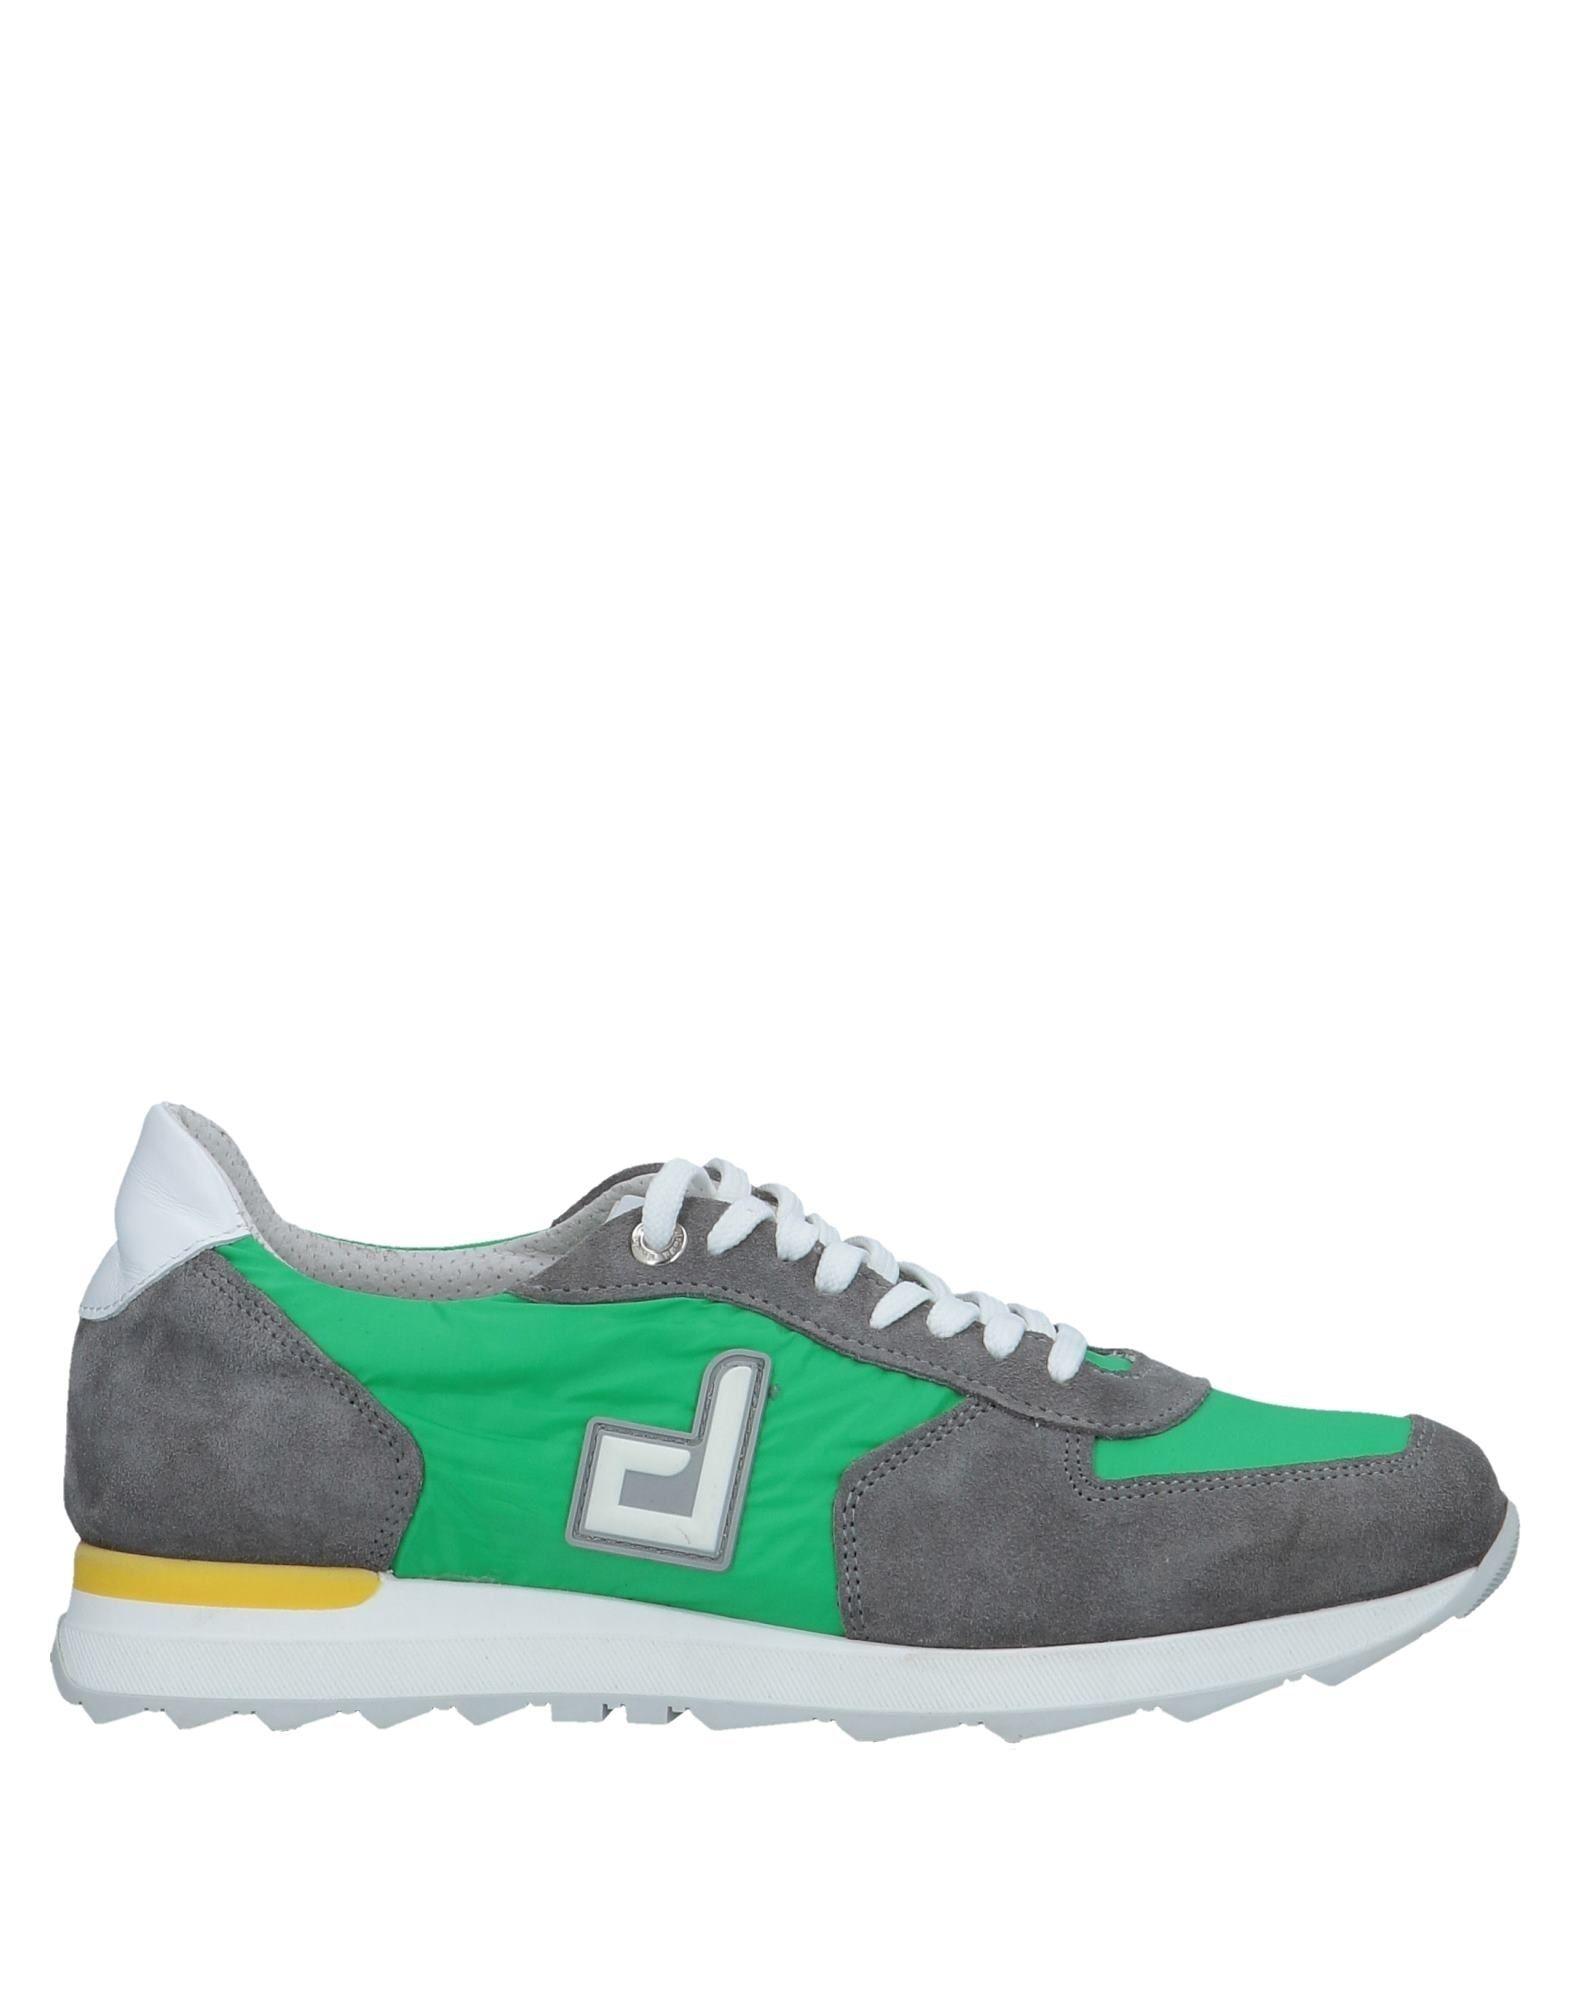 Sneakers Drudd Uomo - 11537953LS Scarpe economiche e buone